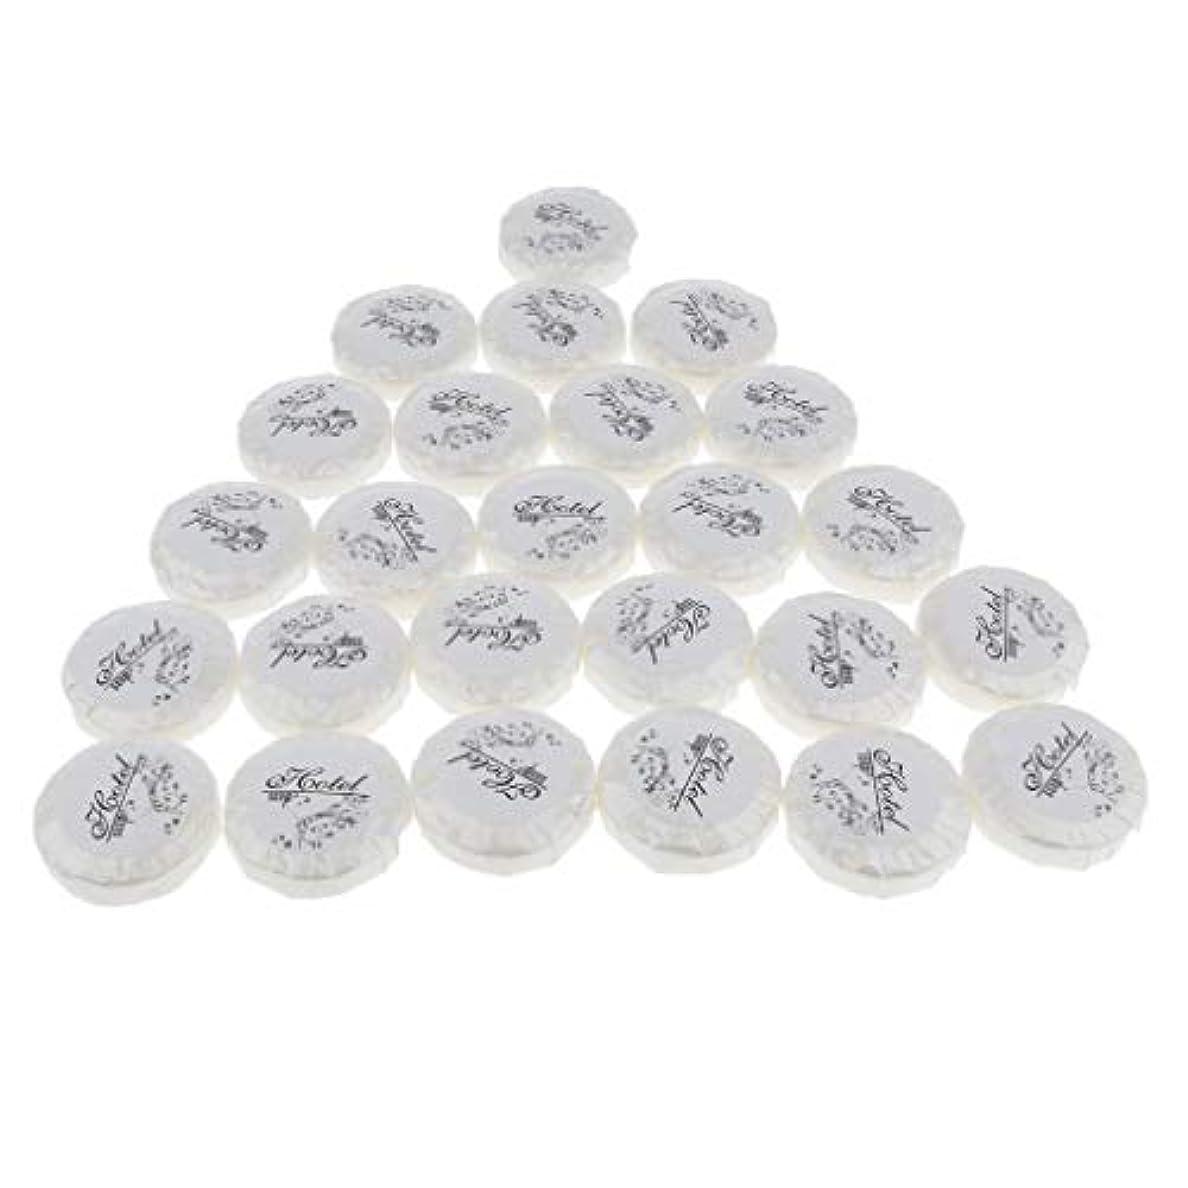 咽頭貼り直す混合した石鹸 無添加 洗顔石鹸 植物油 軽い香り 清潔 リフレッシュ ミニサイズ 携帯 旅行用 約150個 - 13g